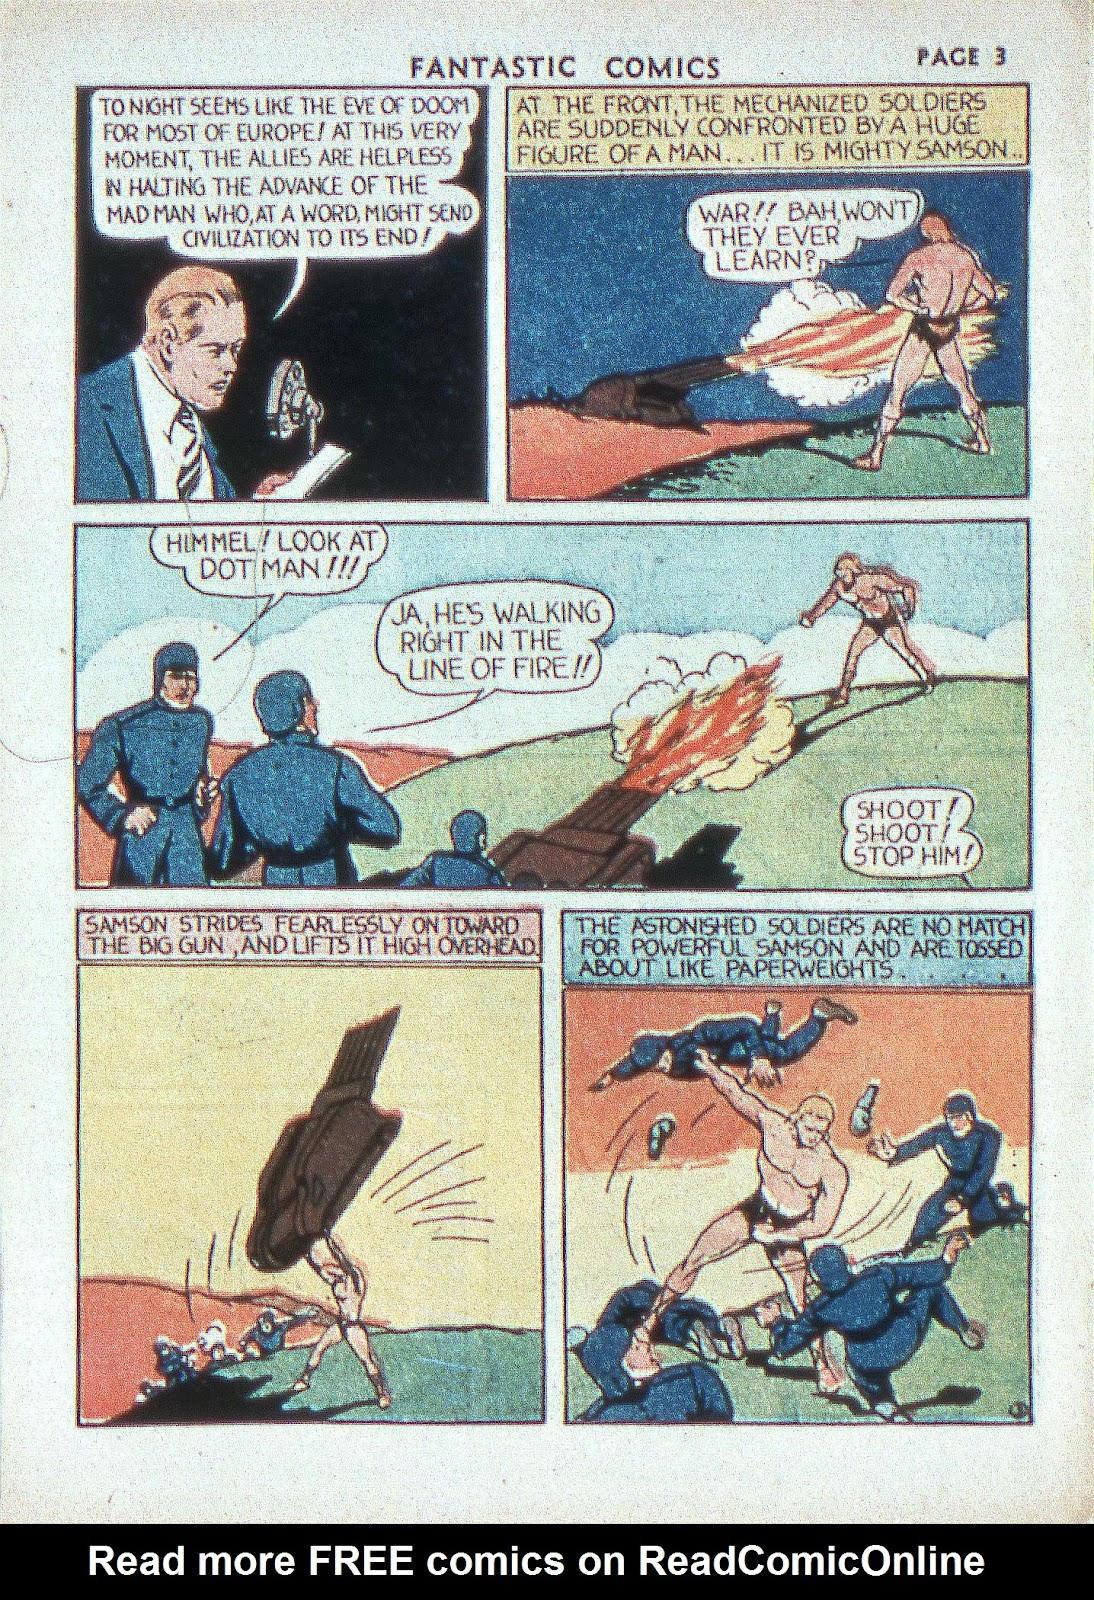 Read online Fantastic Comics comic -  Issue #2 - 5